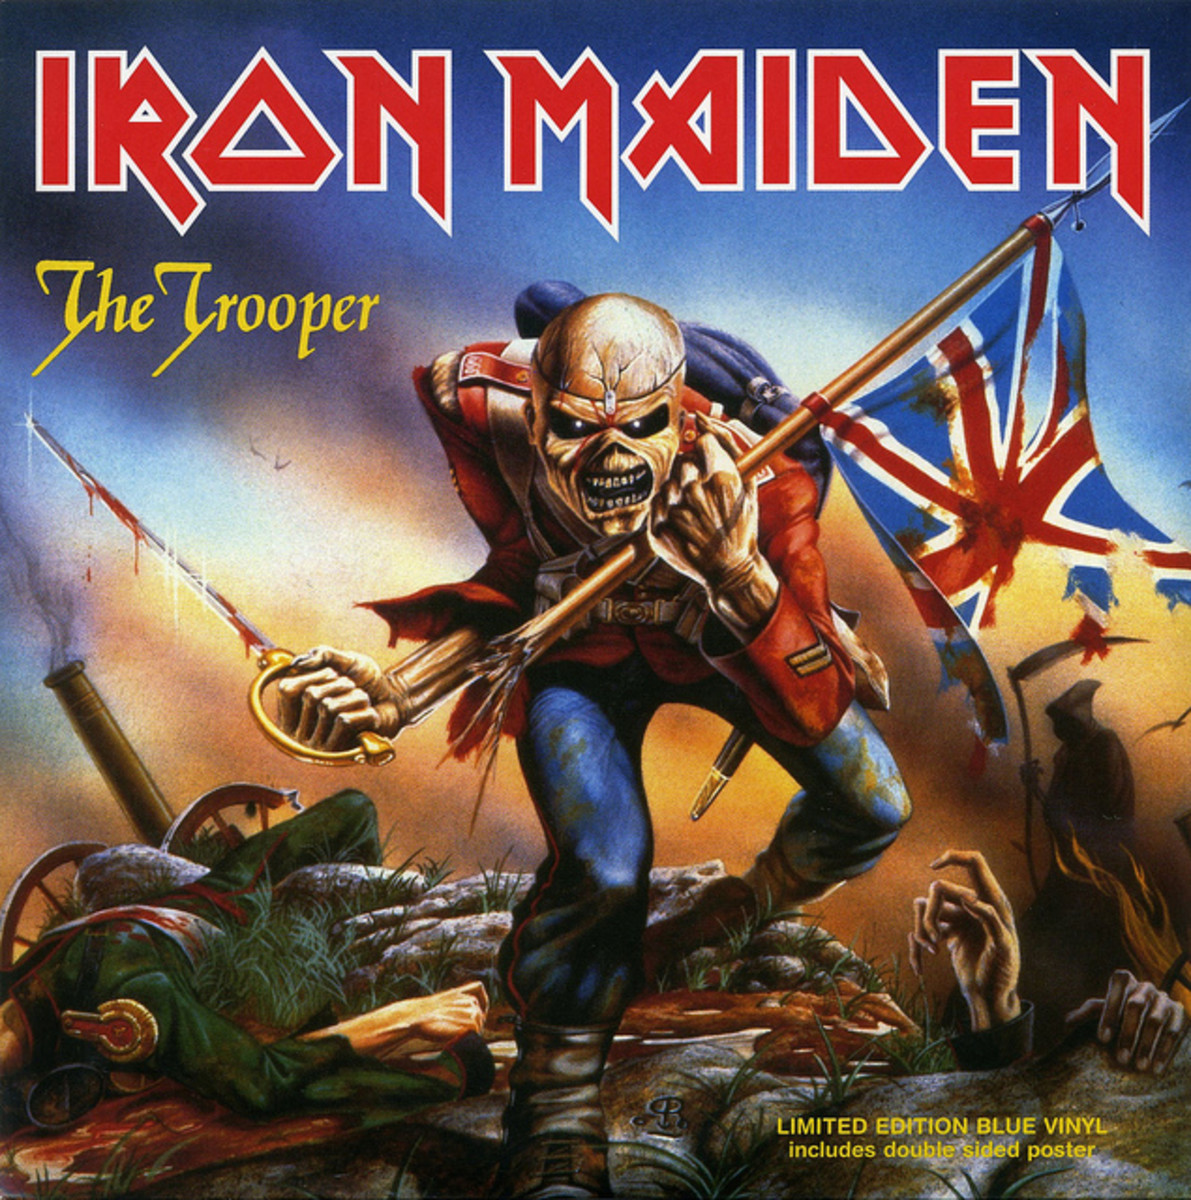 Iron Maiden Album Covers by Derek Riggs - Spinditty